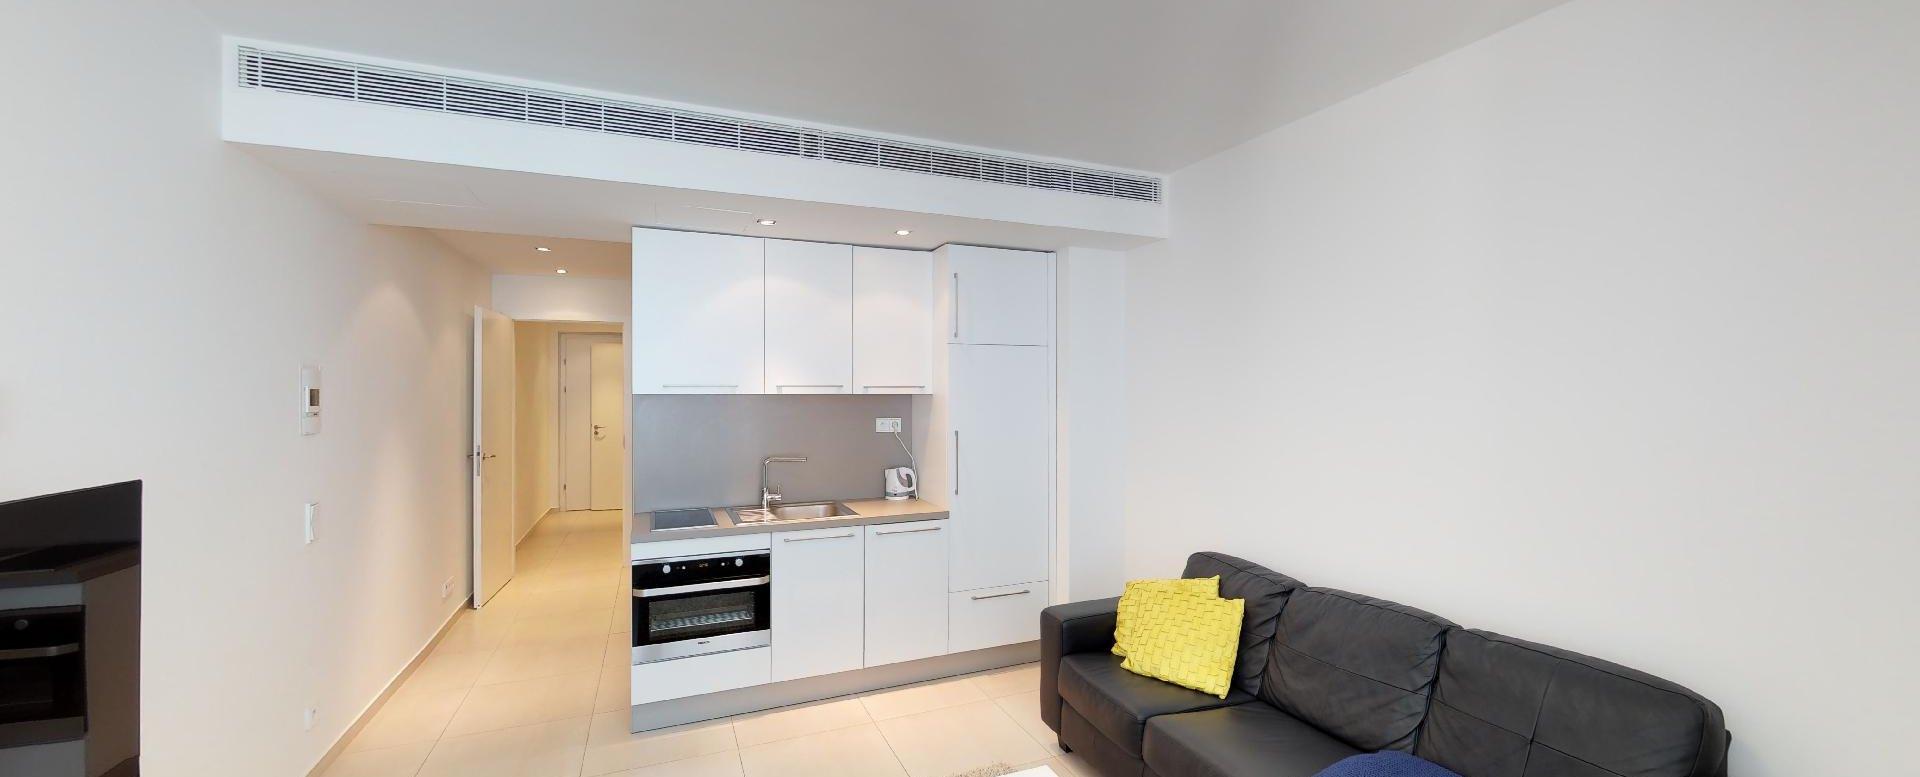 Obývacia izba s kuchynským kútom